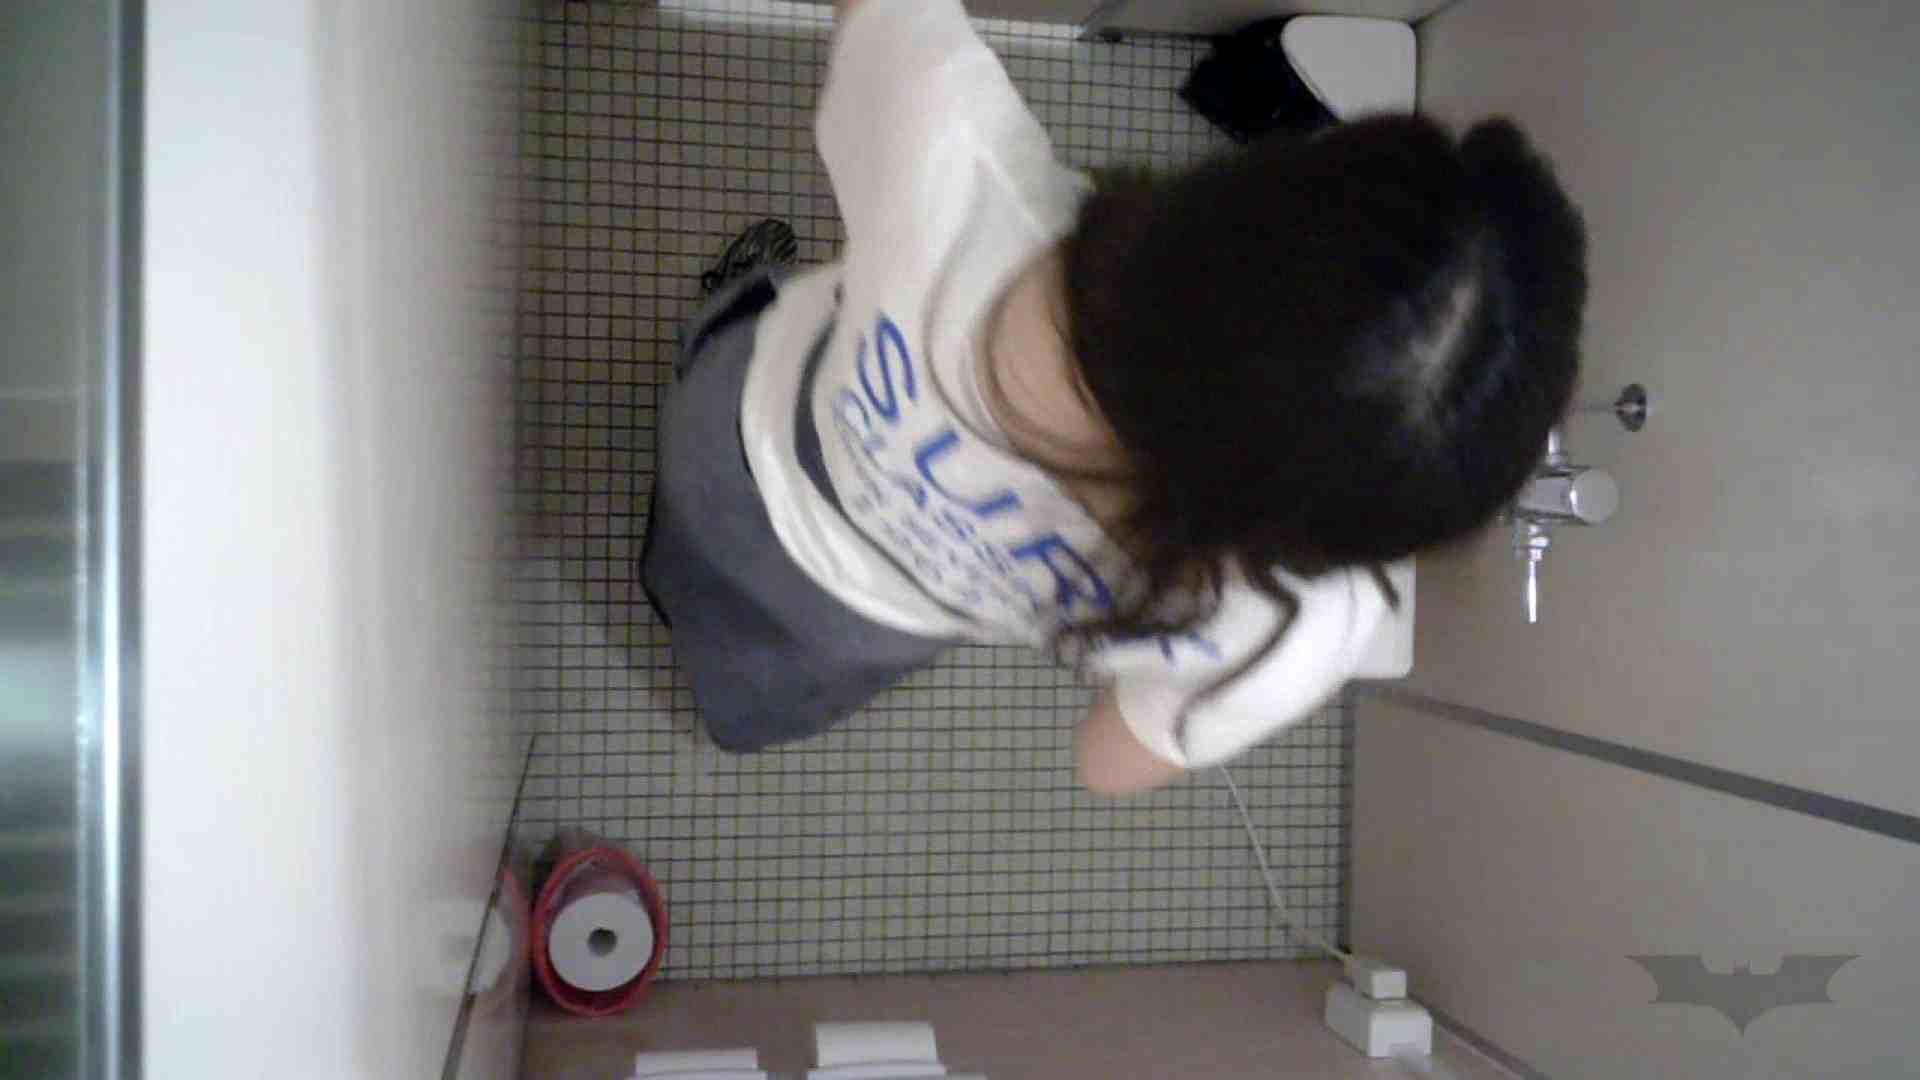 有名大学女性洗面所 vol.41 素敵なオシリとお顔がいっぱい。抜き過ぎ注意報! 高画質 ワレメ無修正動画無料 74画像 50